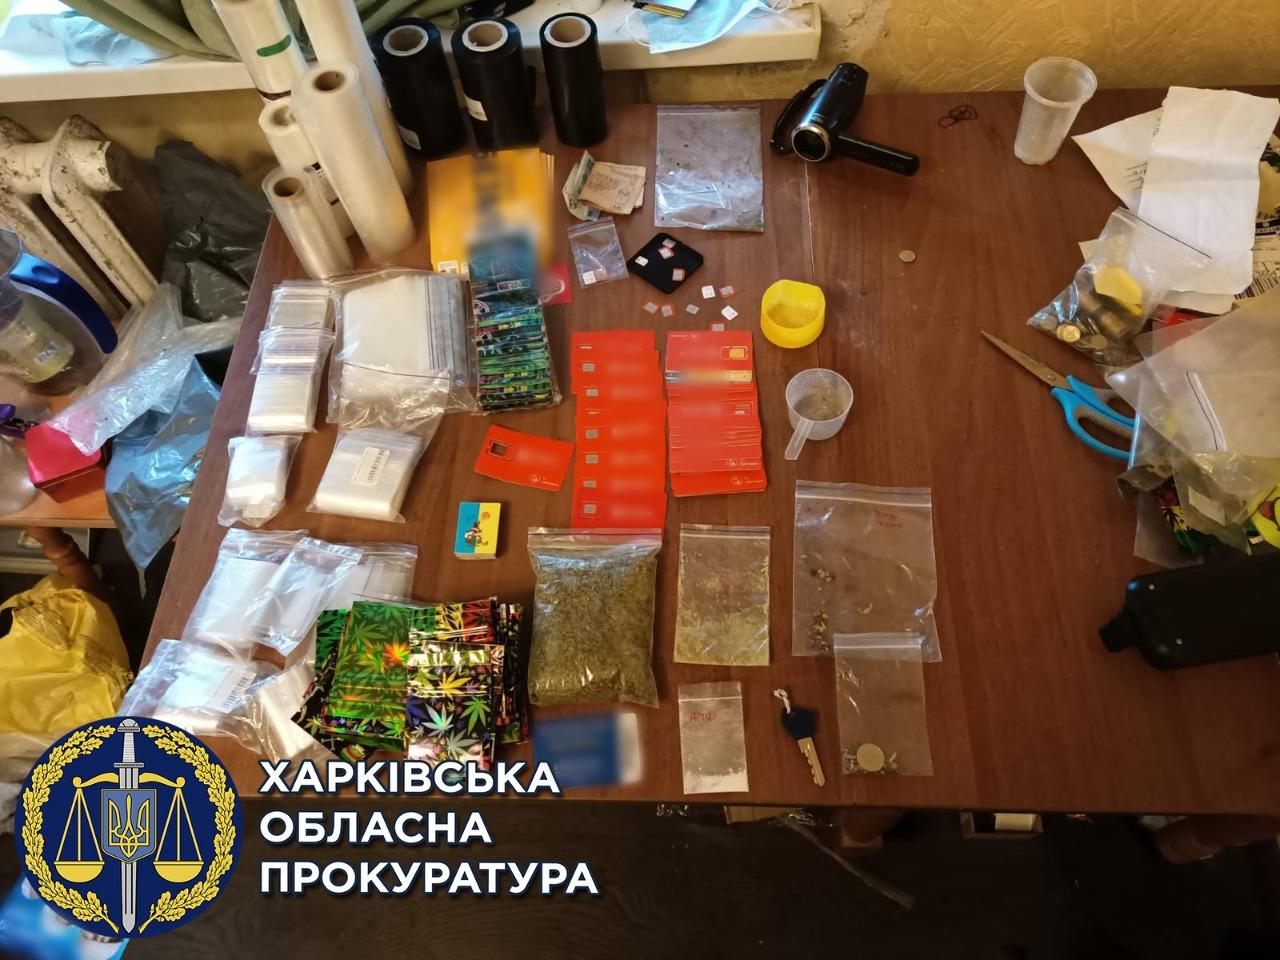 Наркозакладчик из Харькова отправлял наркотики по всей стране (фото)